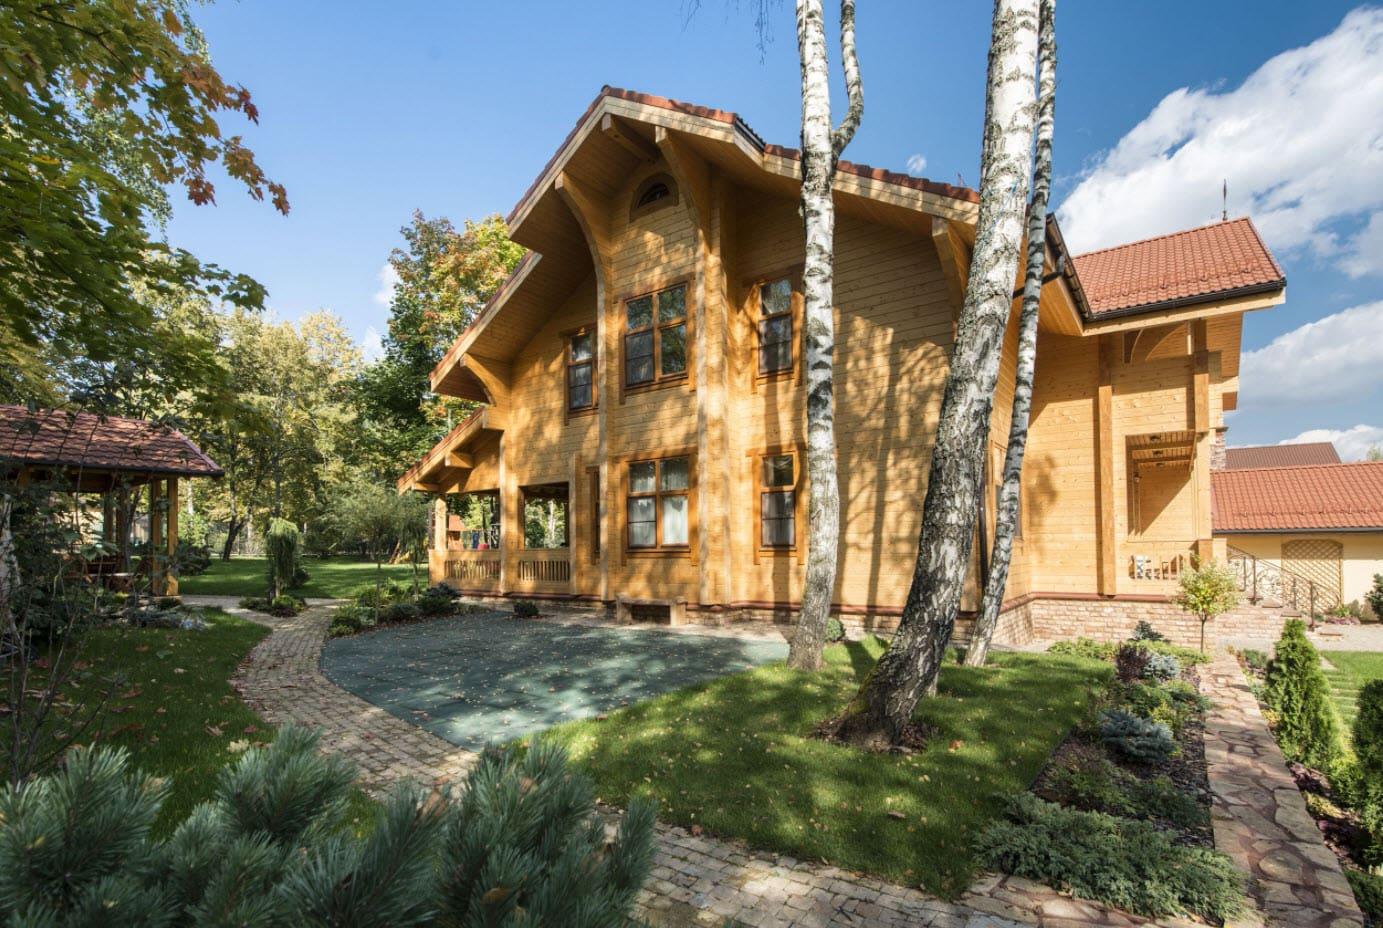 многощипцовая крыша деревянного дома в лесу